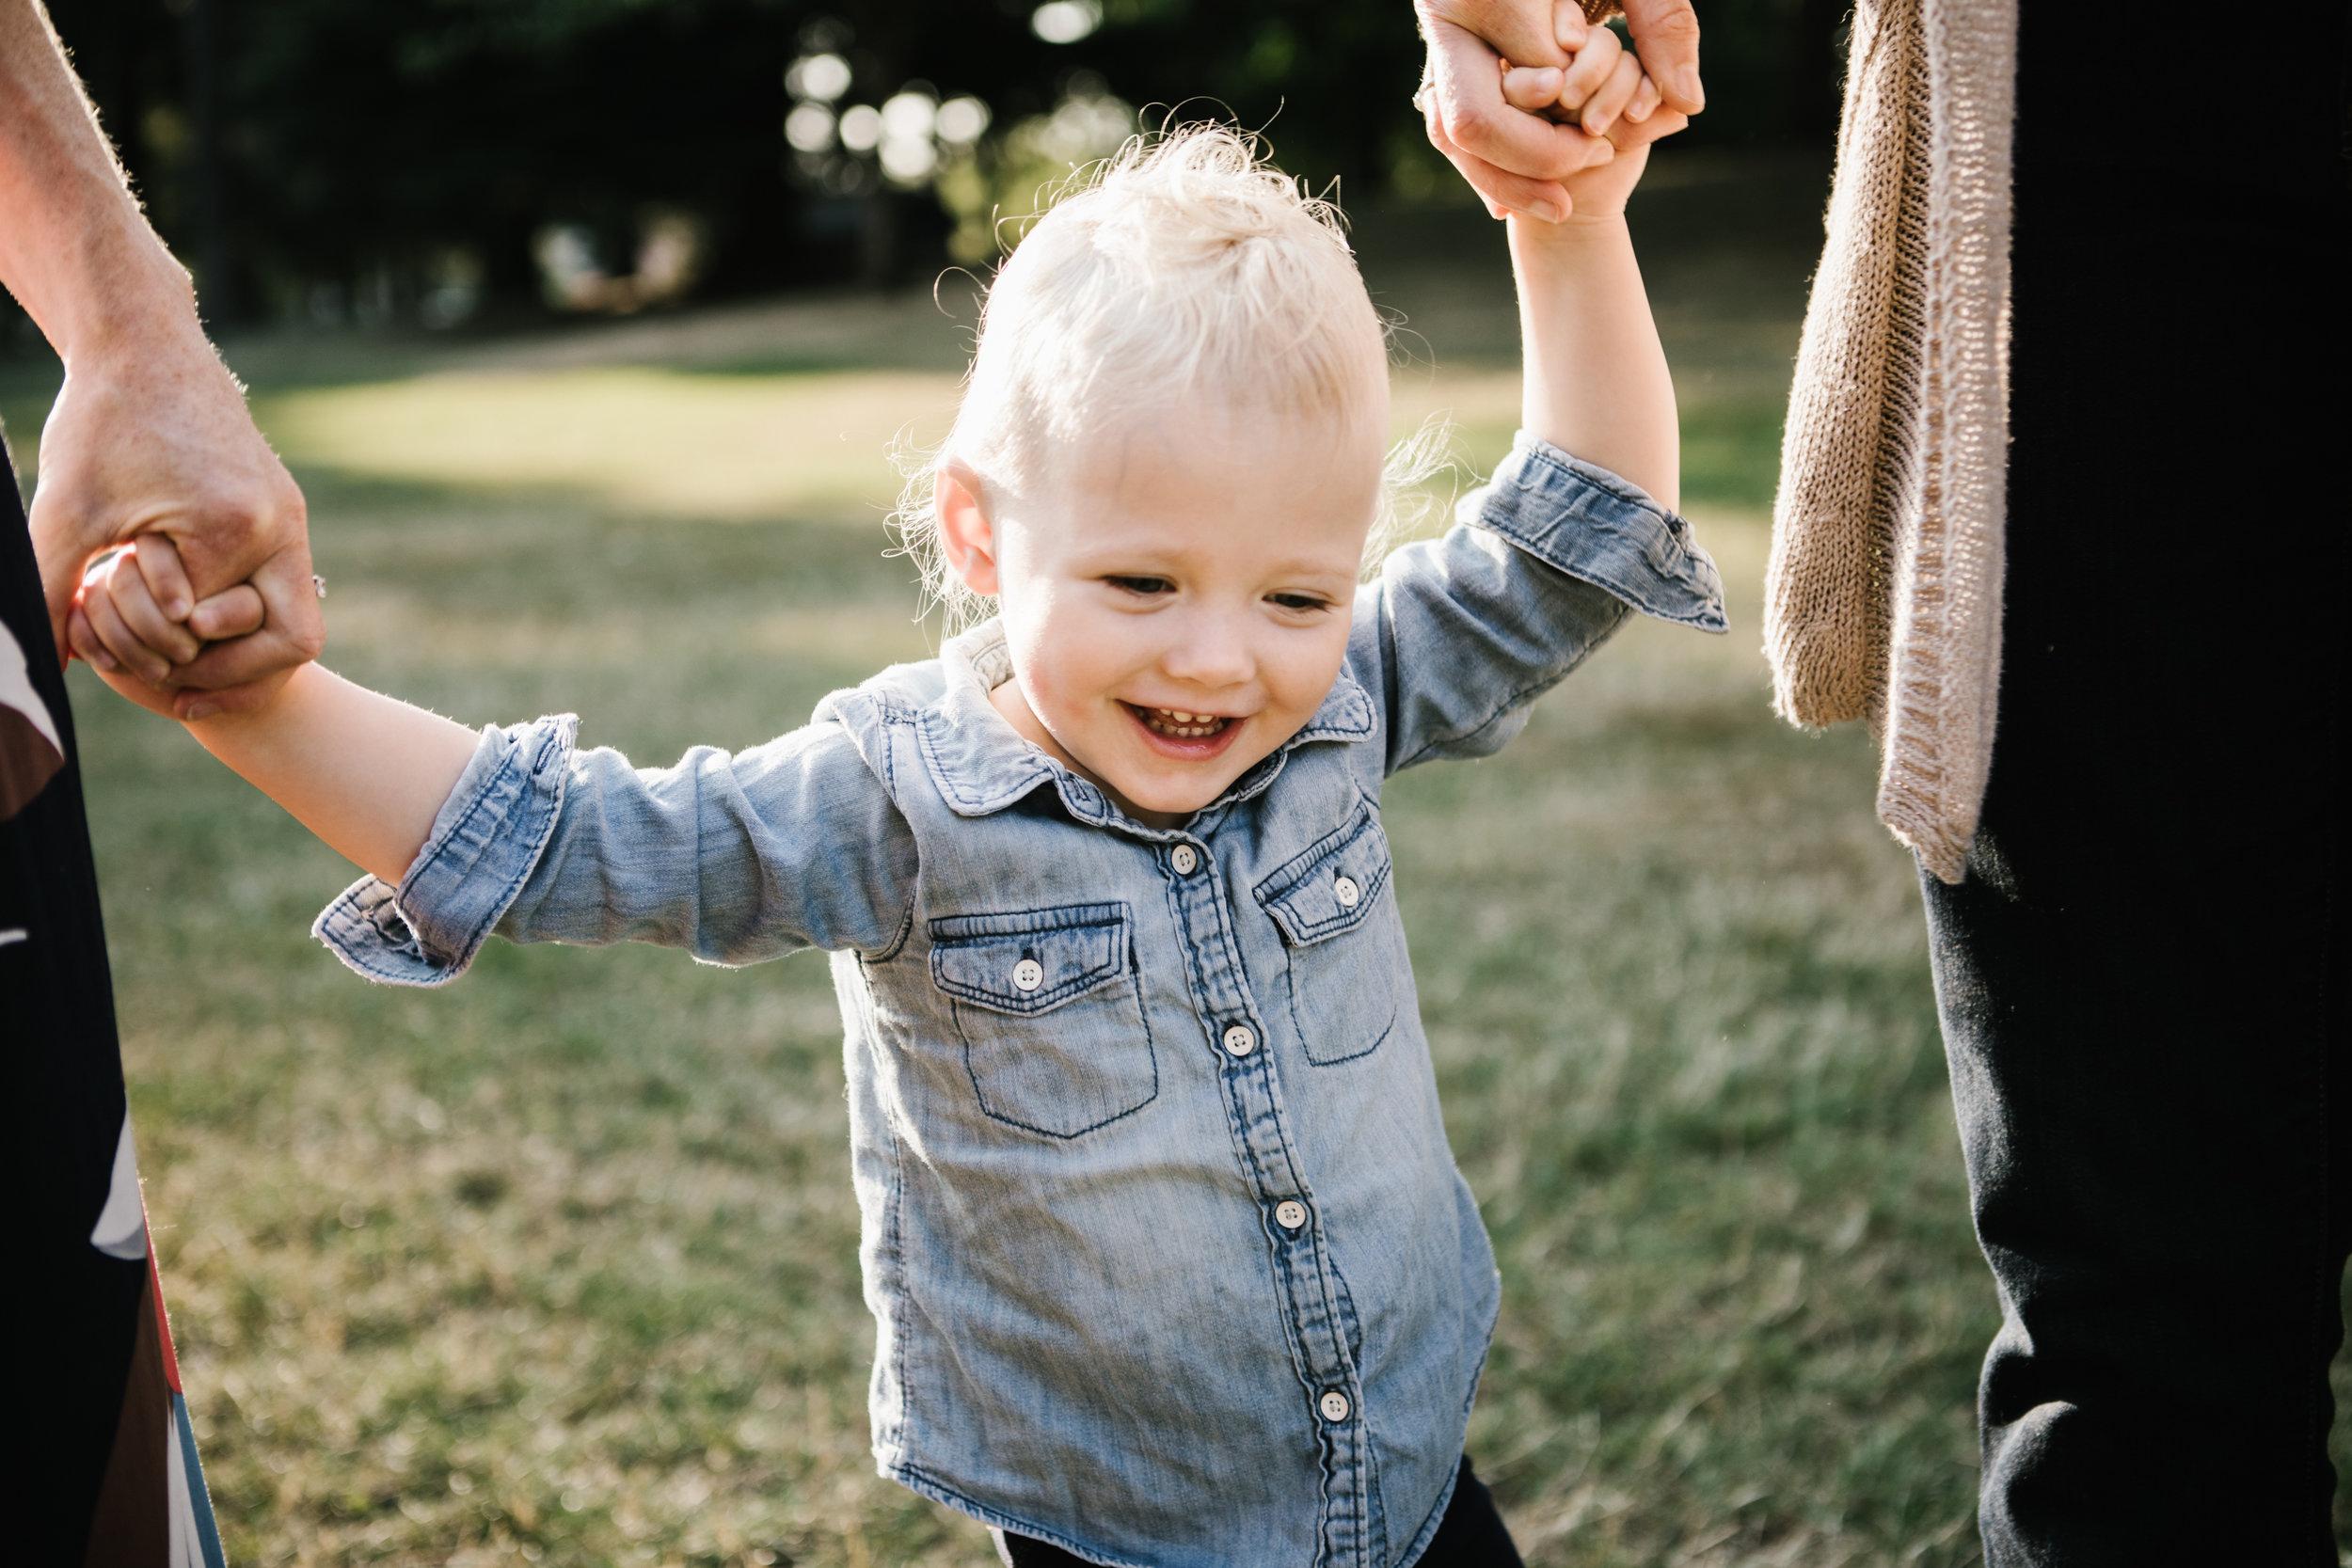 Smiling toddler girl outside